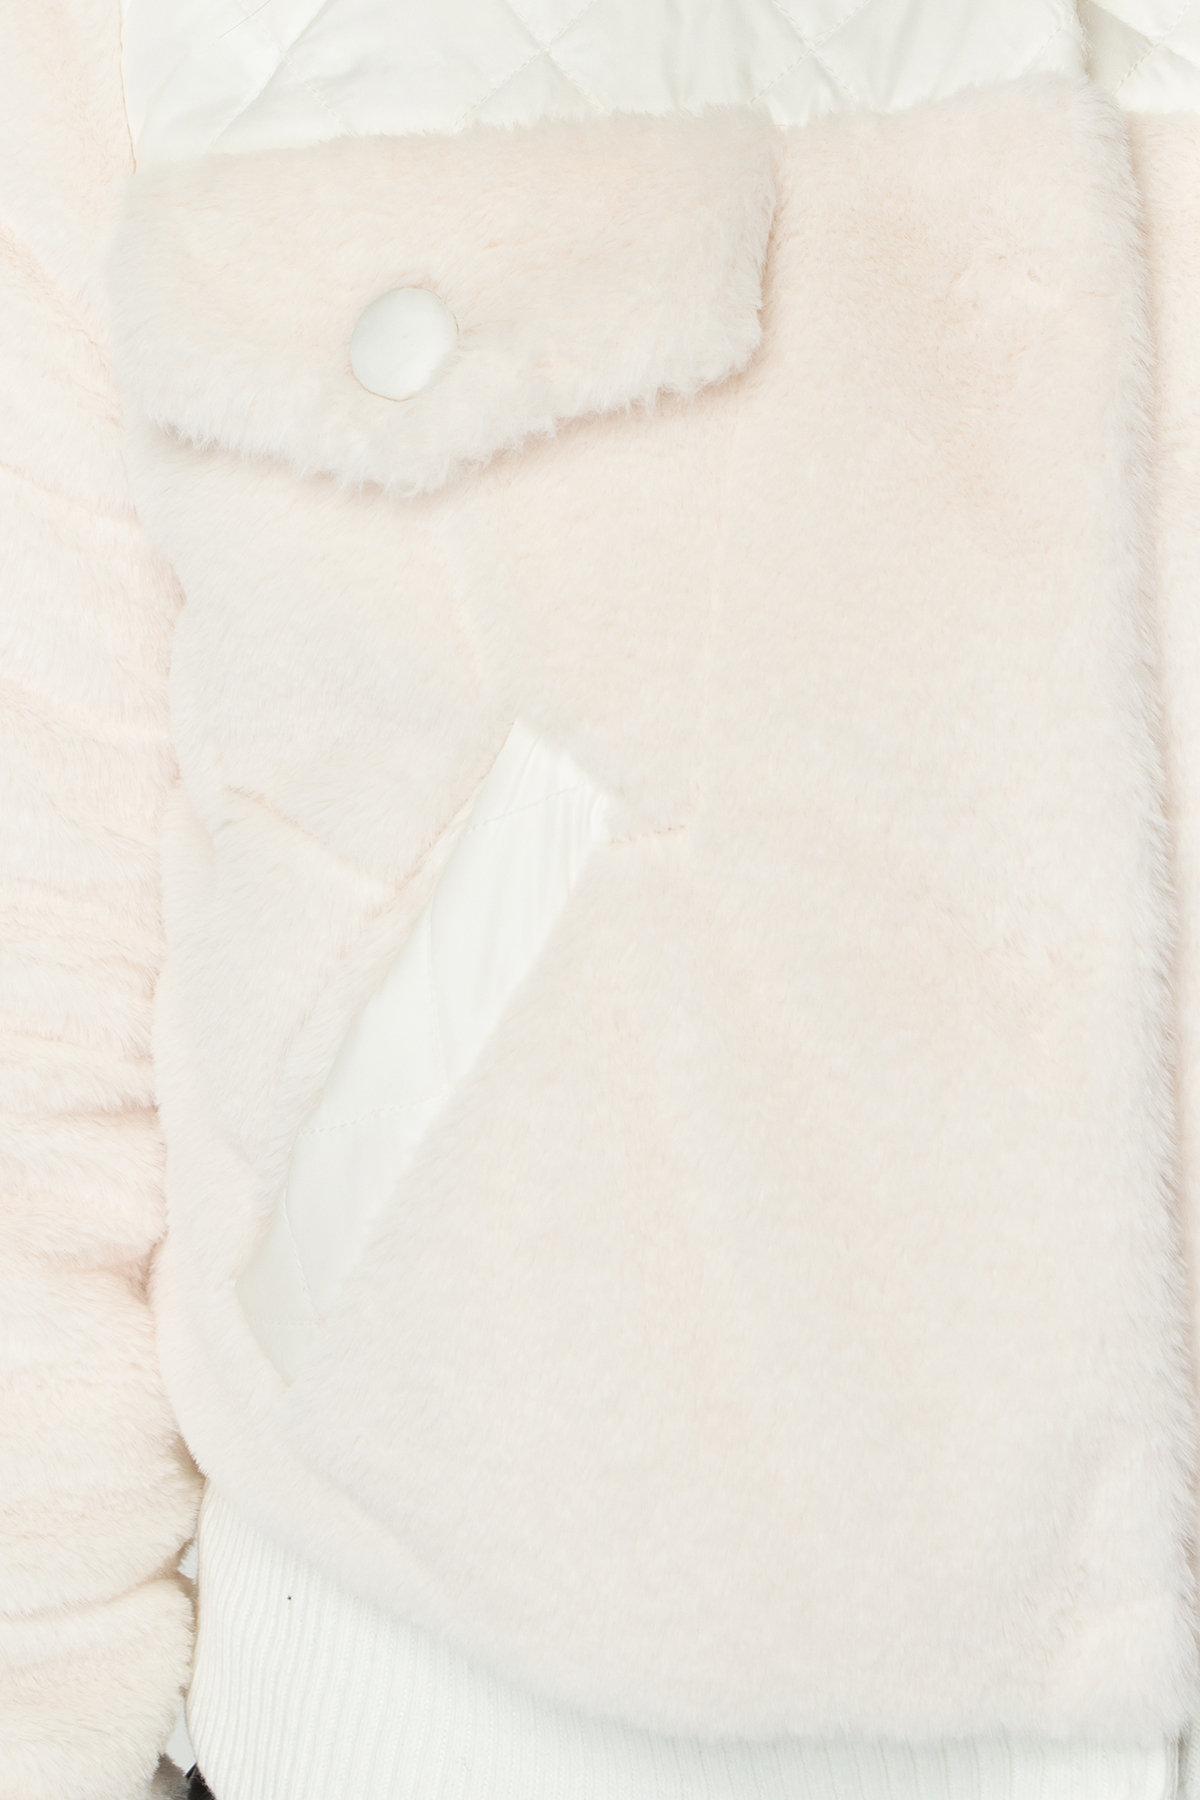 Стильная куртка бомбер Рино 8720 АРТ. 45171 Цвет: Молоко - фото 7, интернет магазин tm-modus.ru